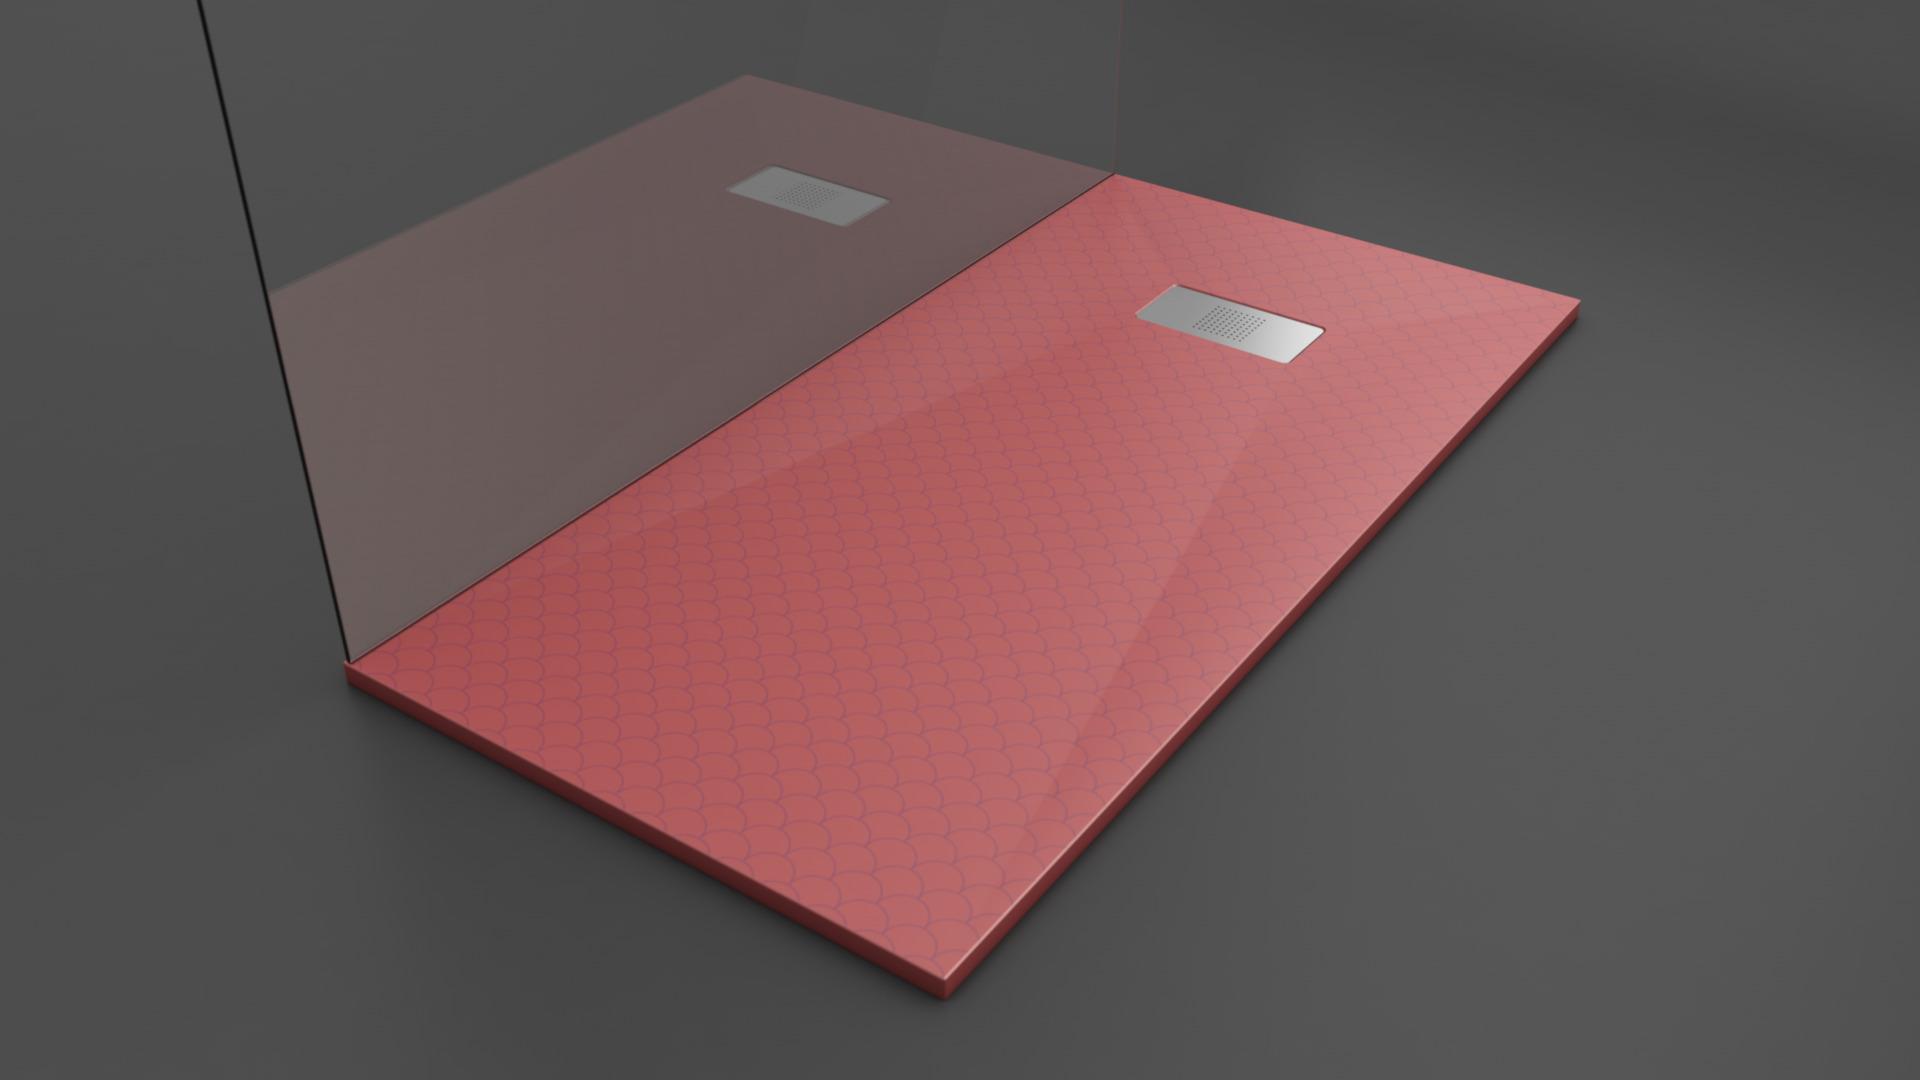 Texence Double Square - Plato de ducha con textura de escamas